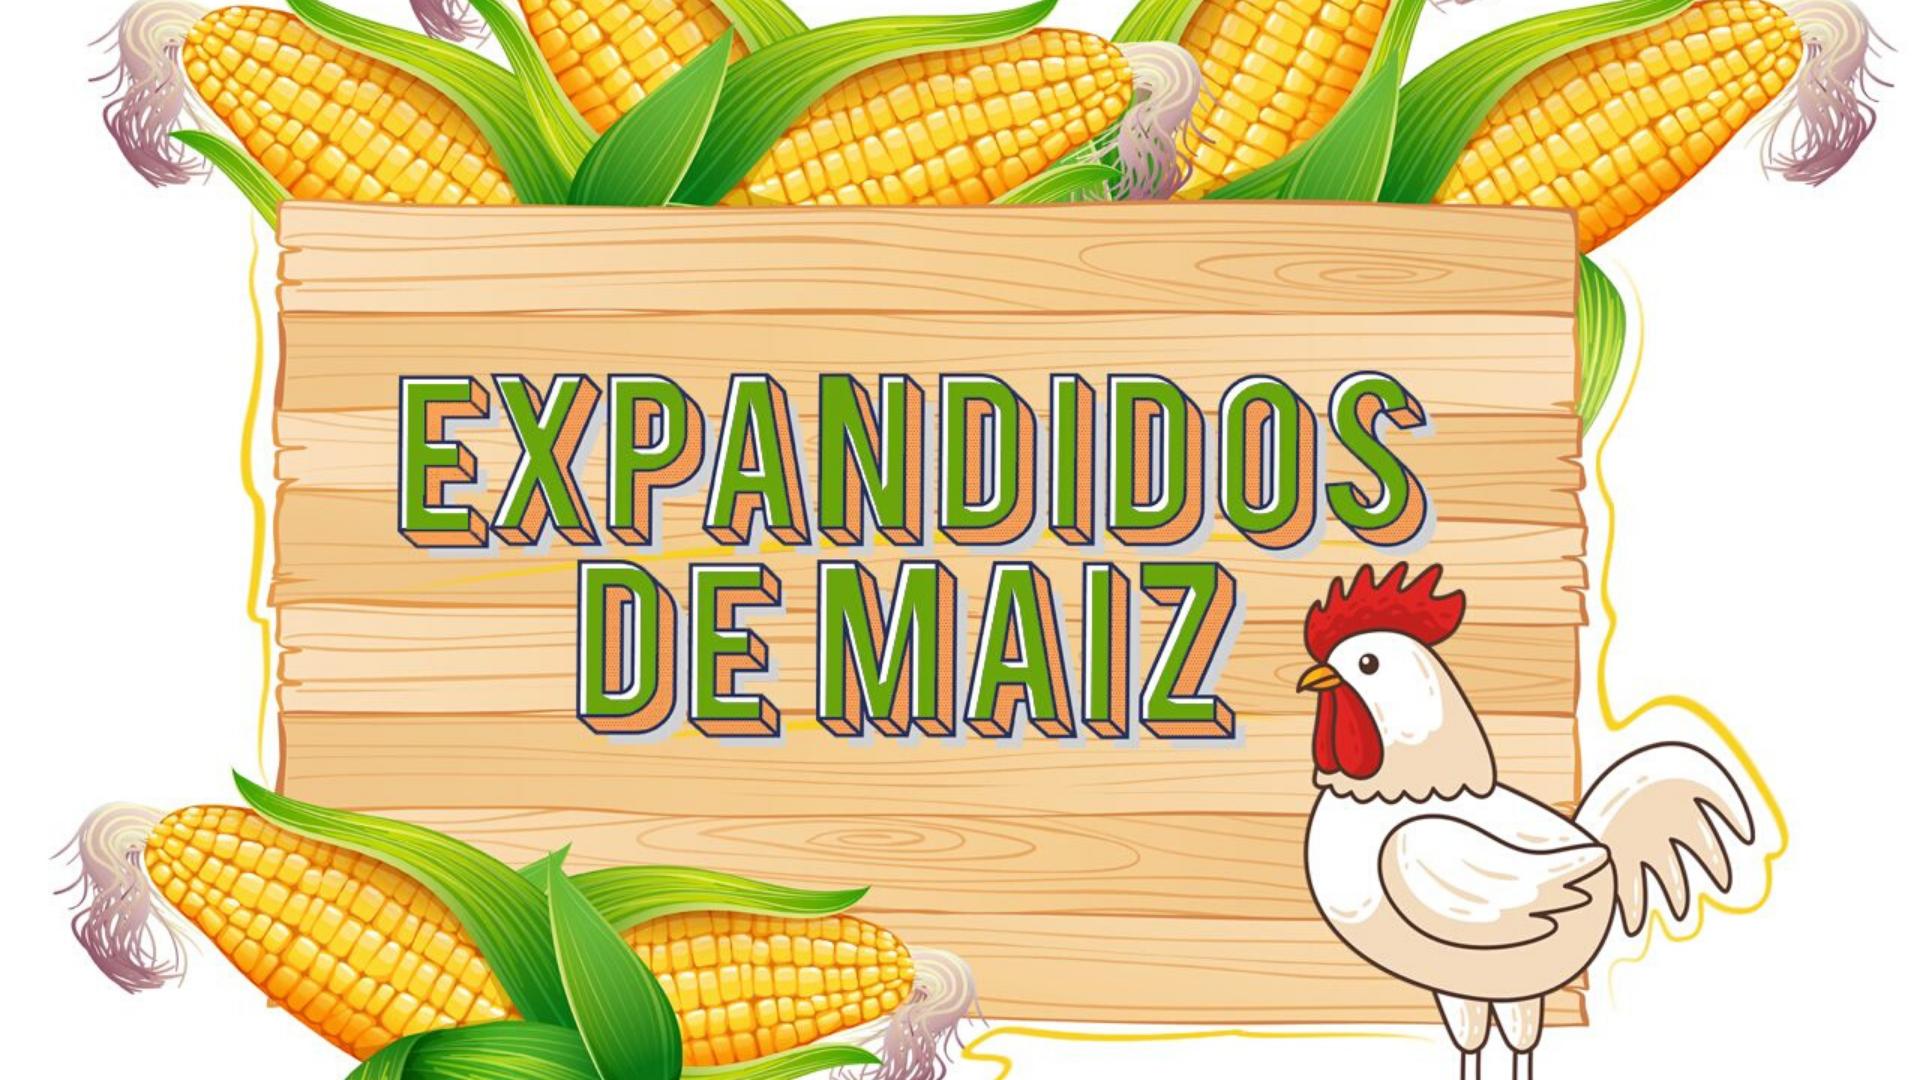 Maxifritos Nuestros productos Expandidos de Maíz